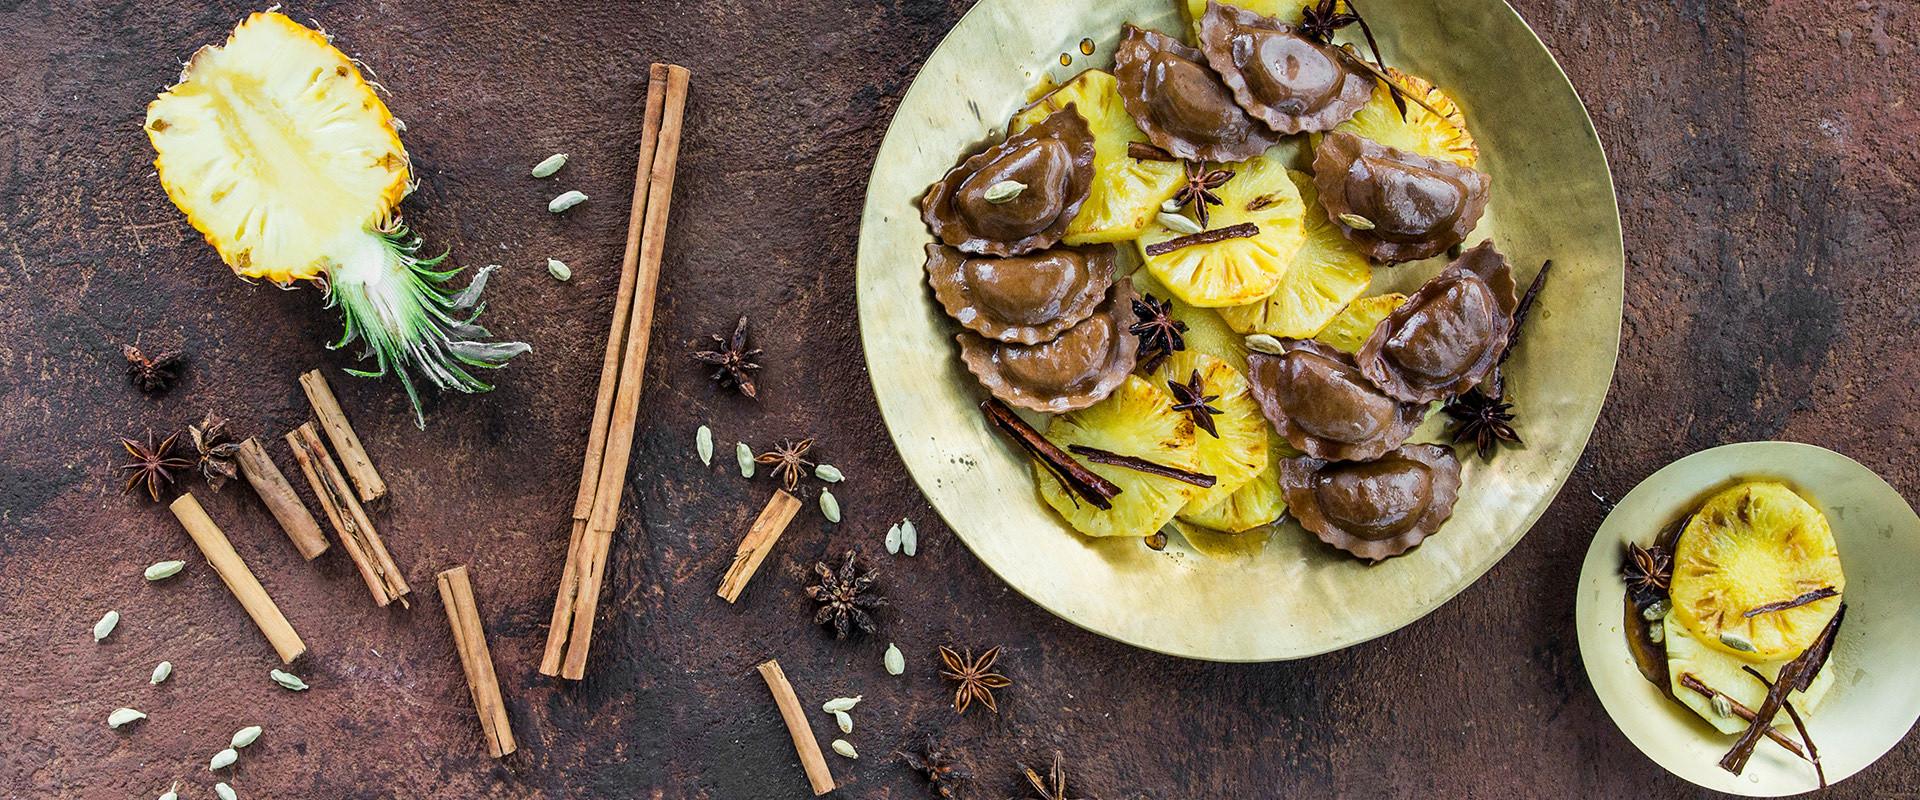 IT-ricette-ravioli-cioccolato-ananas-D.jpg